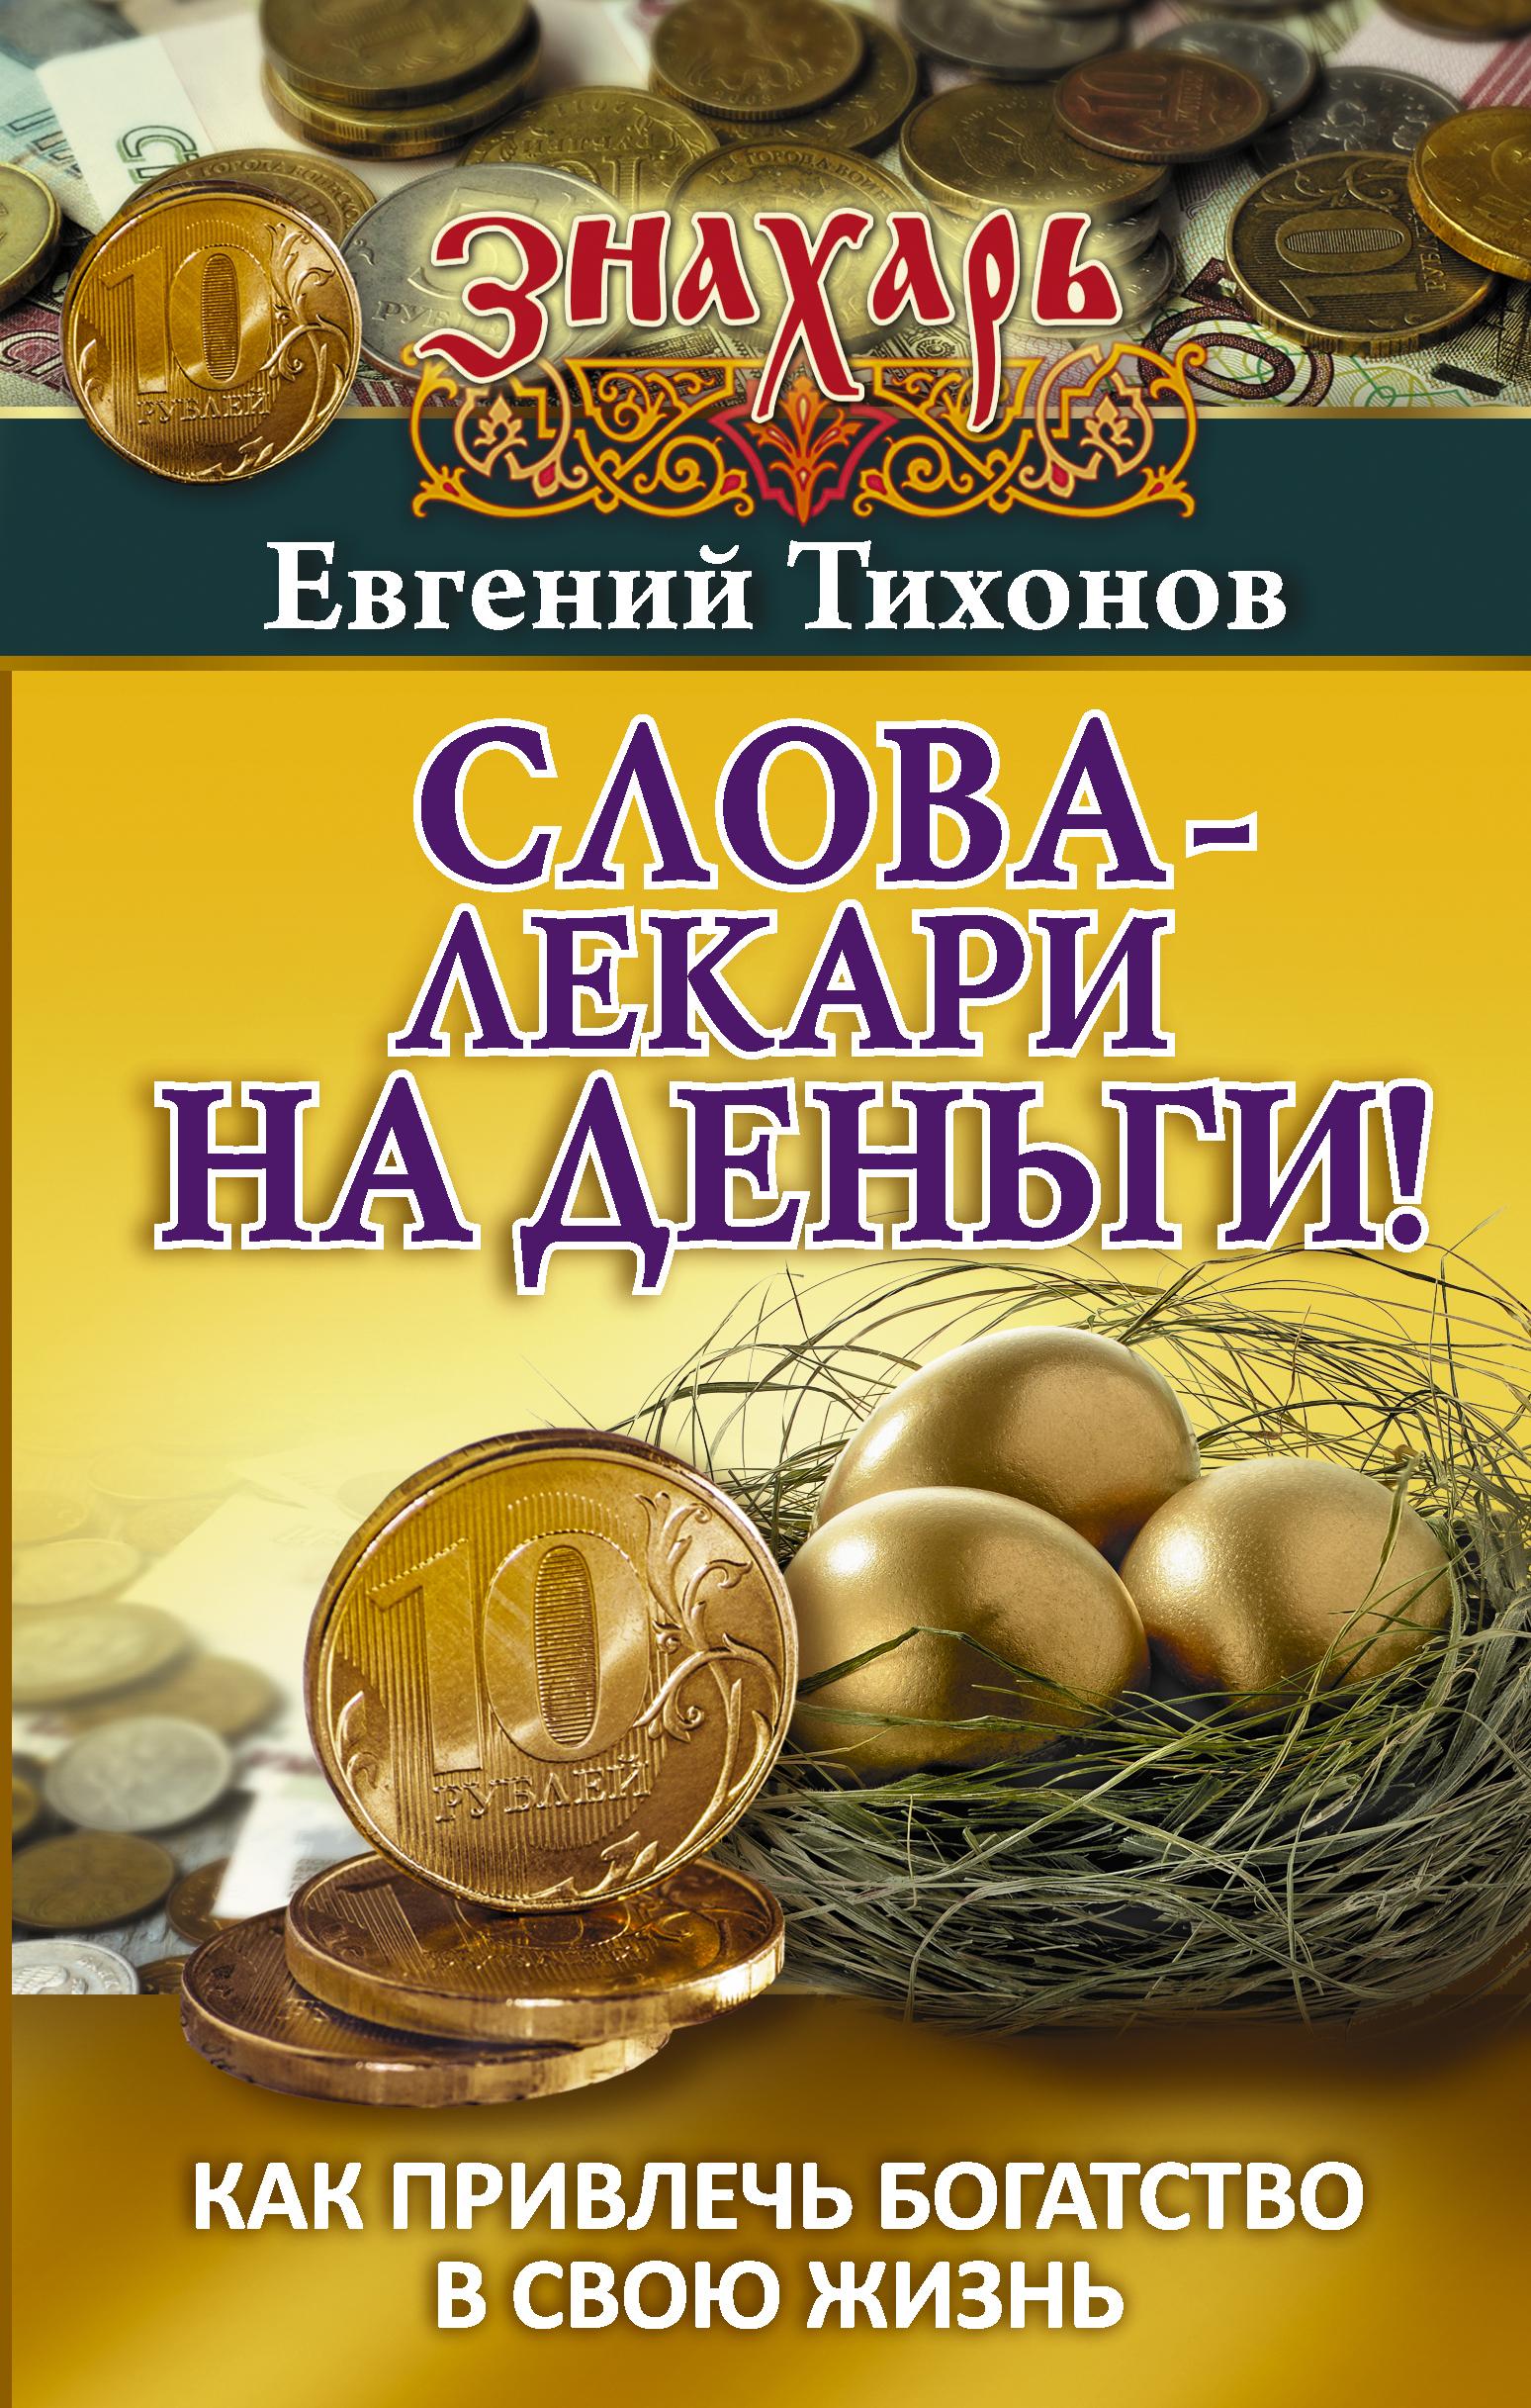 Евгений Тихонов Слова-лекари на деньги! Как привлечь богатство в свою жизнь слова лекари на деньги как привлечь богатство в свою жизнь